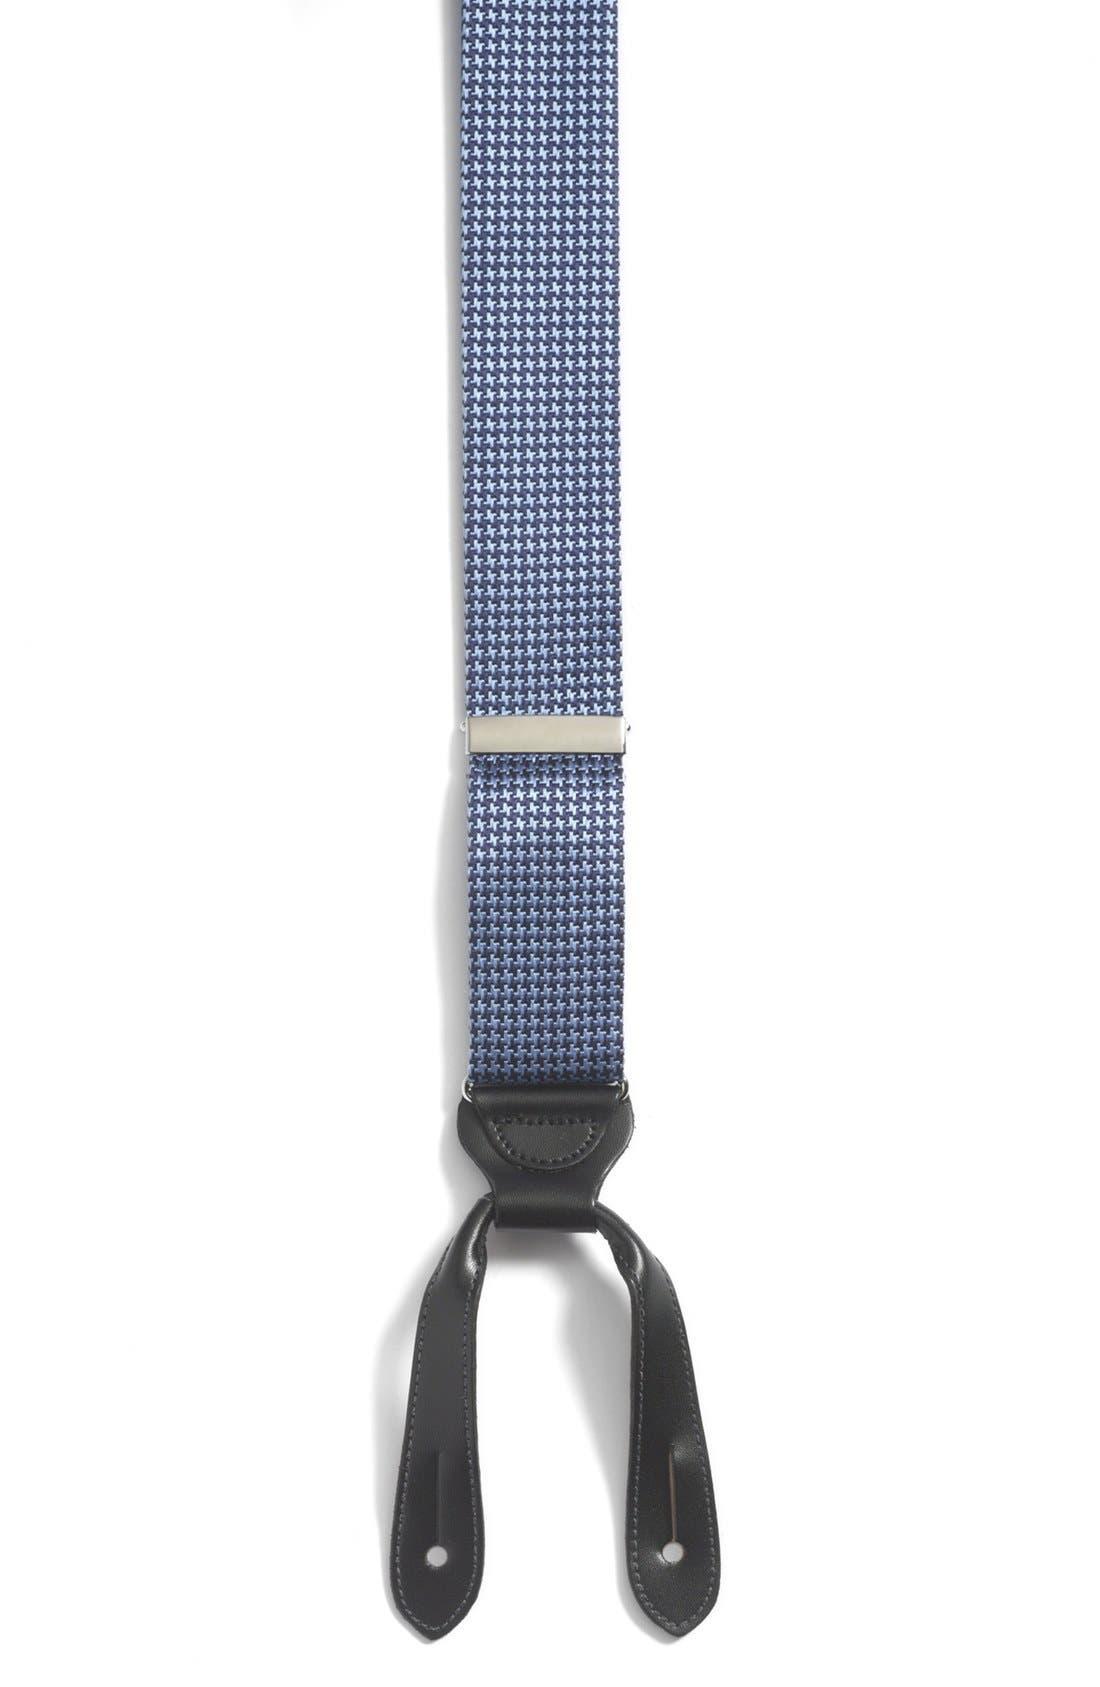 Alternate Image 1 Selected - Trafalgar 'Weybridge' Suspenders